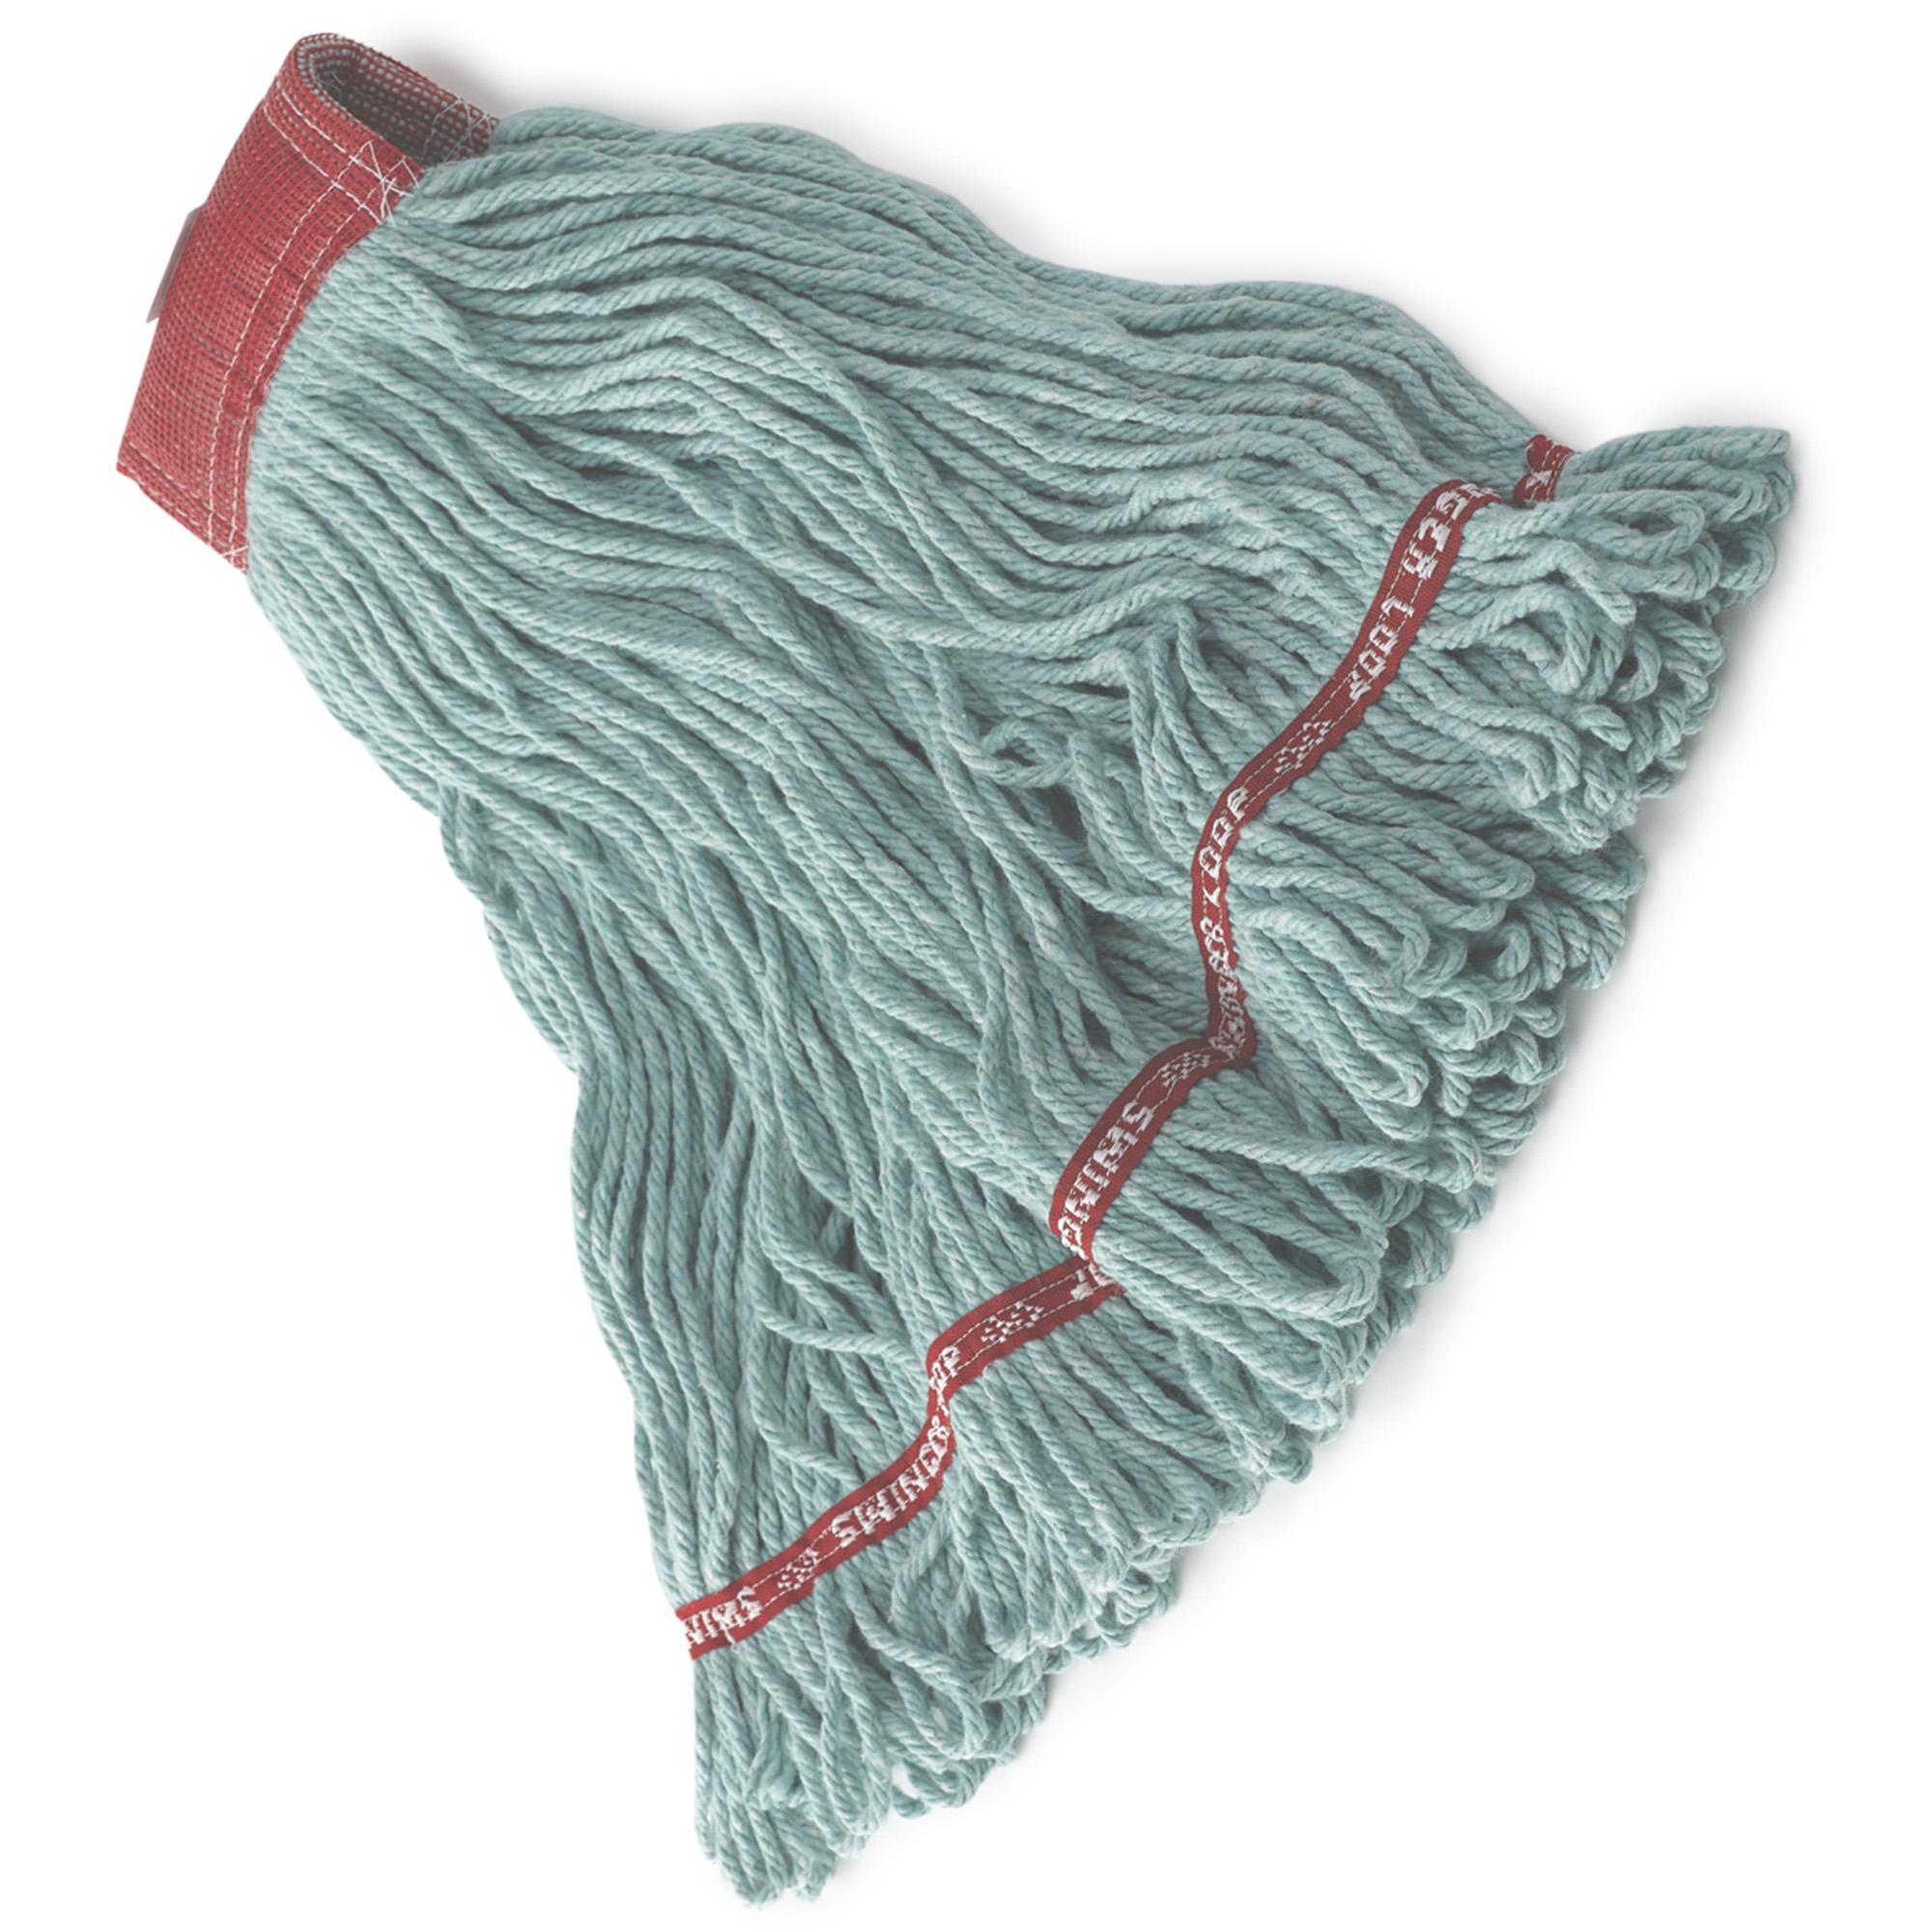 Rubbermaid FGA15306GR00 Web foot en algodón de 24 Oz color verde con 5 pulgadas de banda sujetadora  1